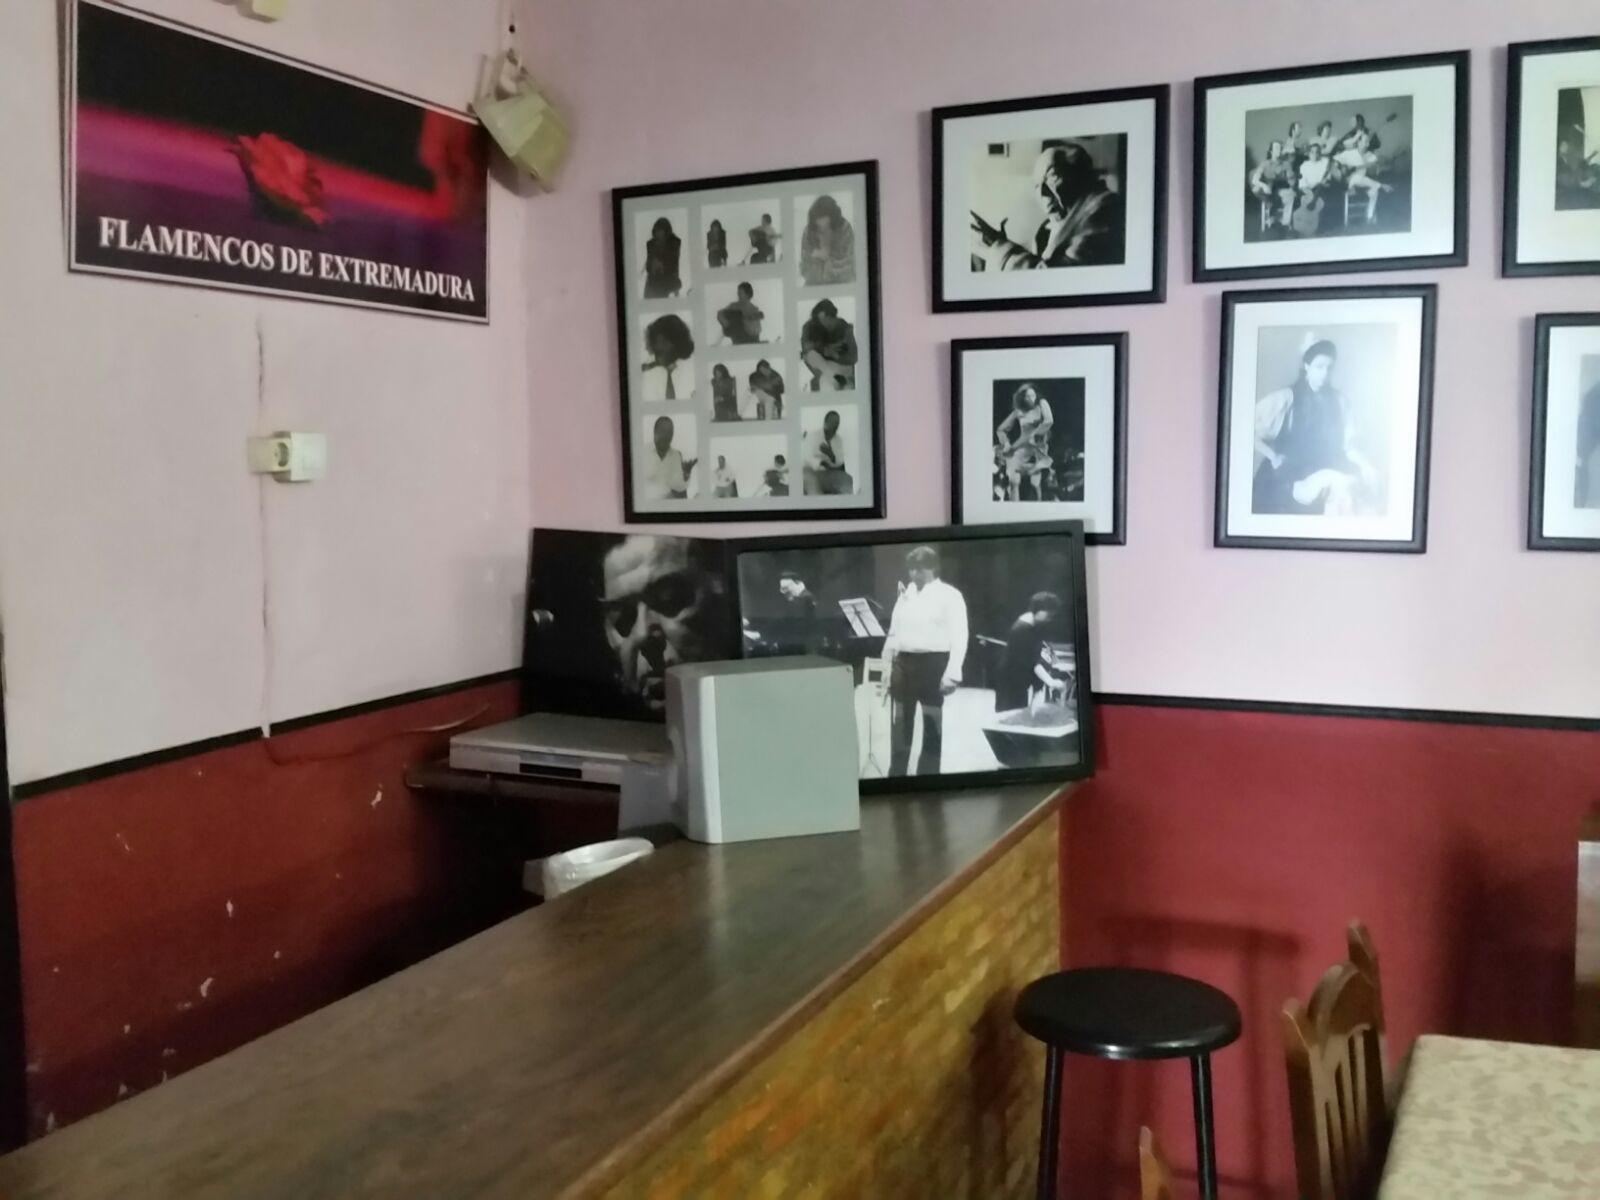 CUARTO DE LOS CABALES, Cafe bar económico en Cáceres, Restaurante en Cáceres, Tablao flamenco en Cáceres